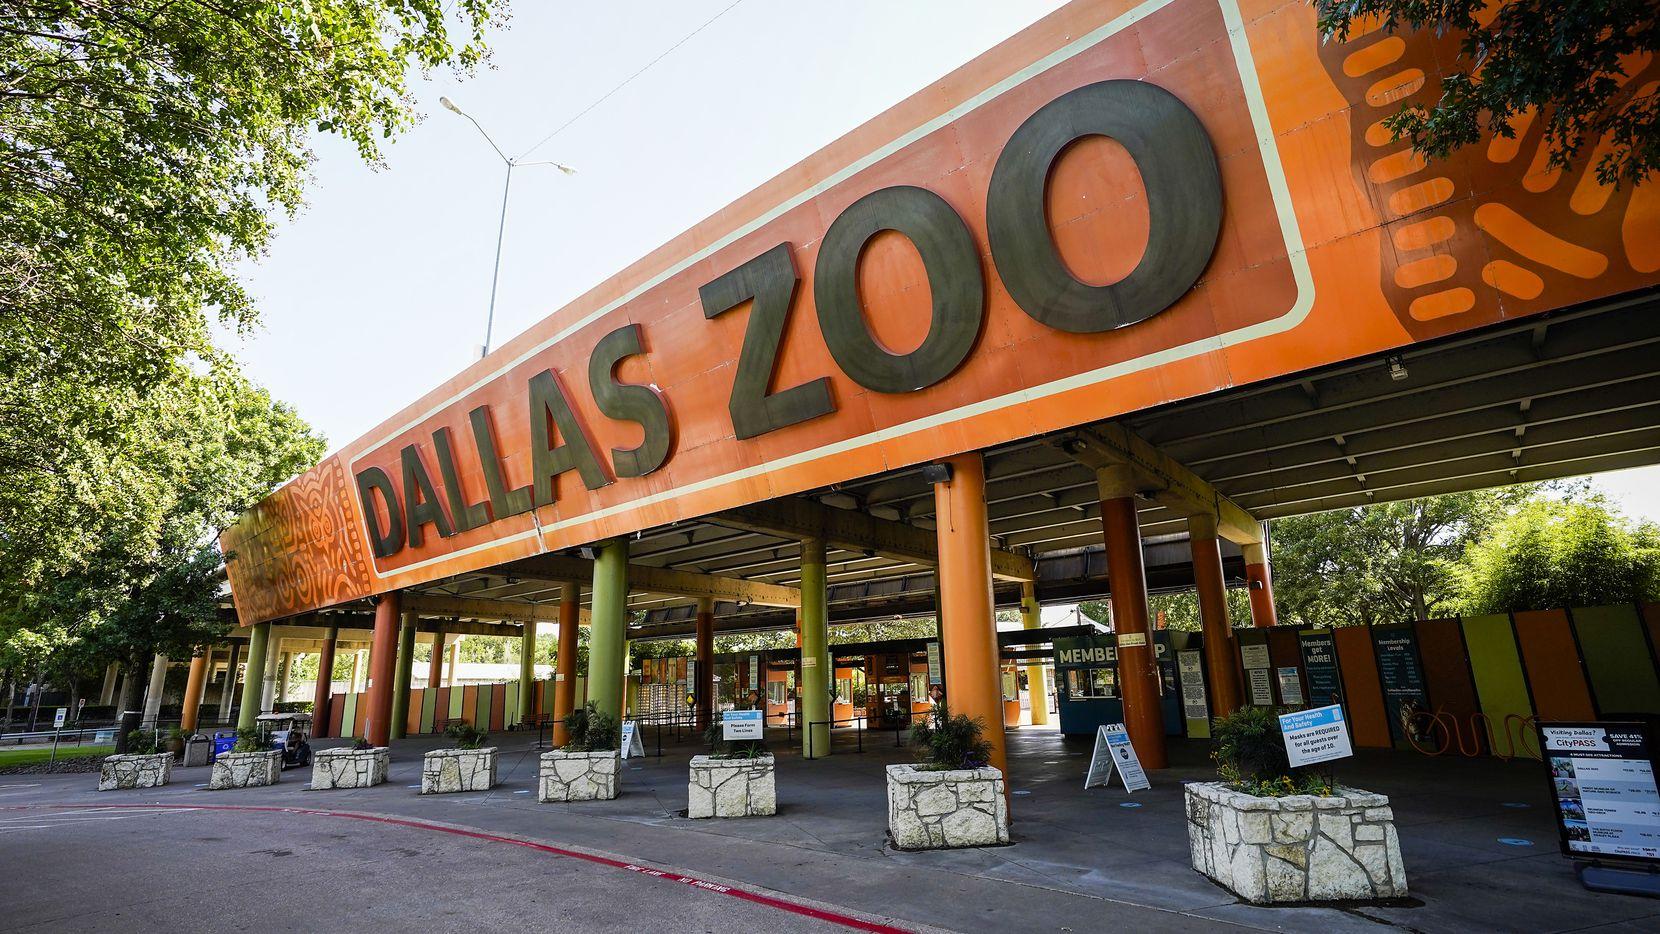 El Zoológico de Dallas es uno de los centros de recreación de la ciudad que los adolescentes podrán disfrutar de manera gratuita con el pase total para jóvenes.